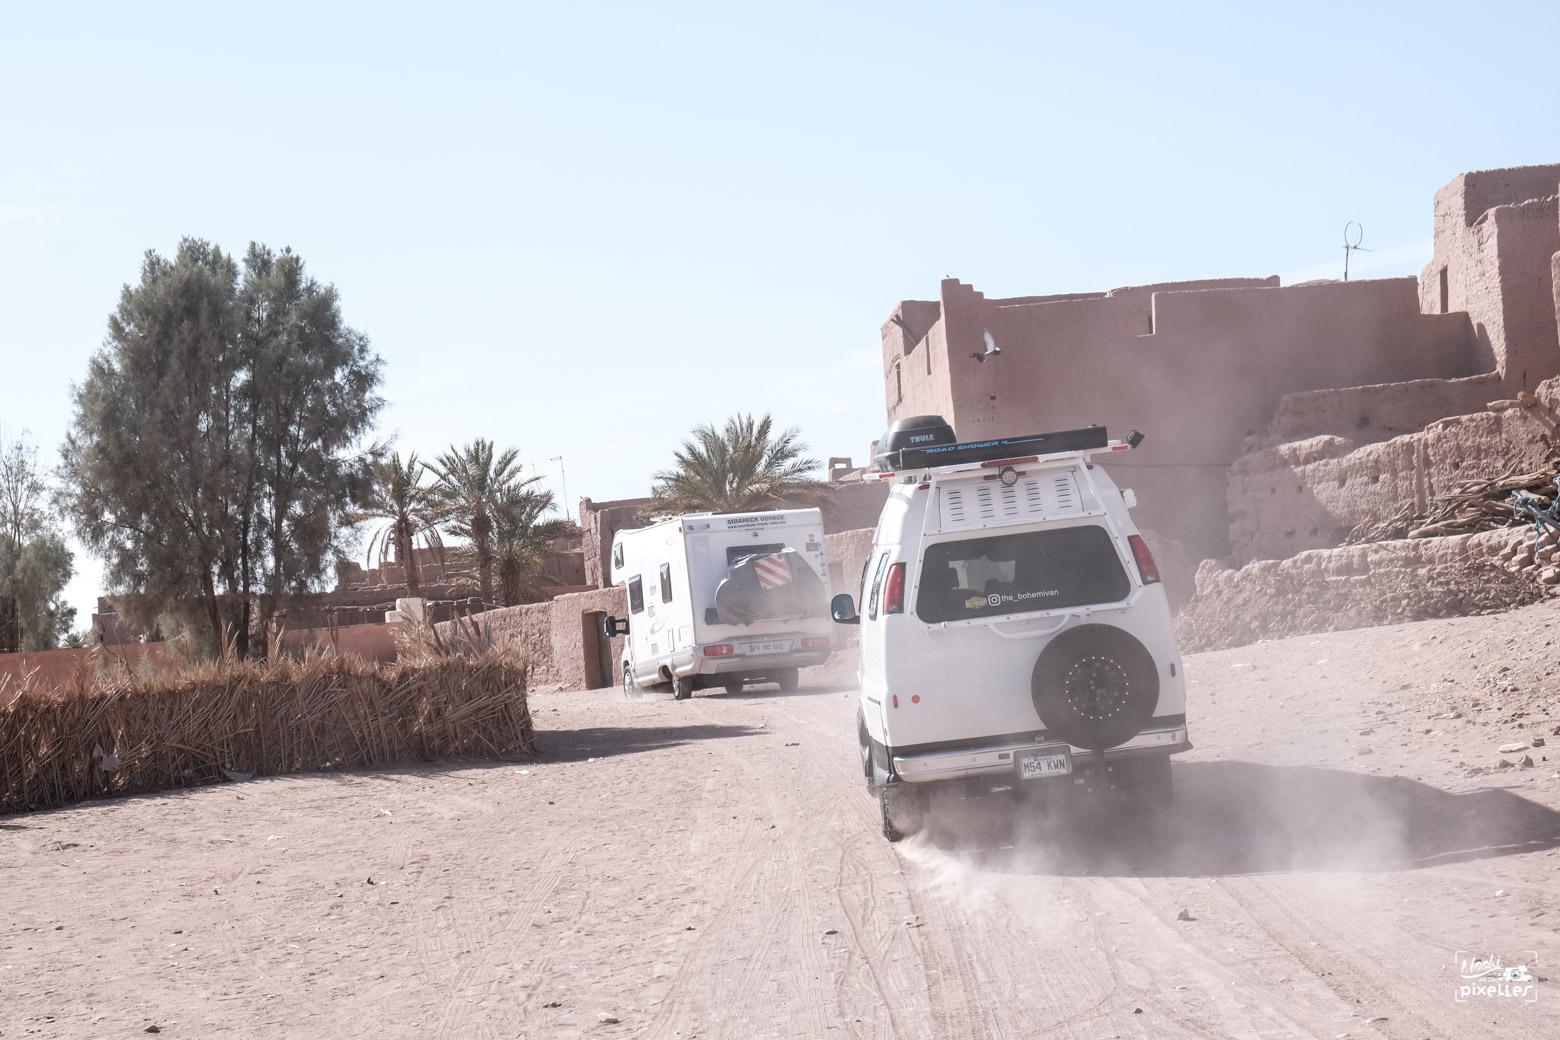 Convoit de capervan dans le vieux M'hamid